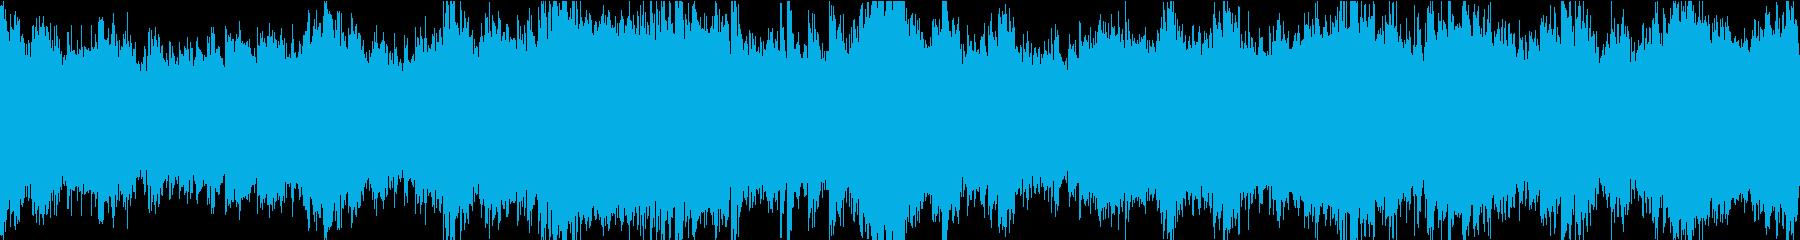 30秒でサビ、さわやか/静かめループの再生済みの波形